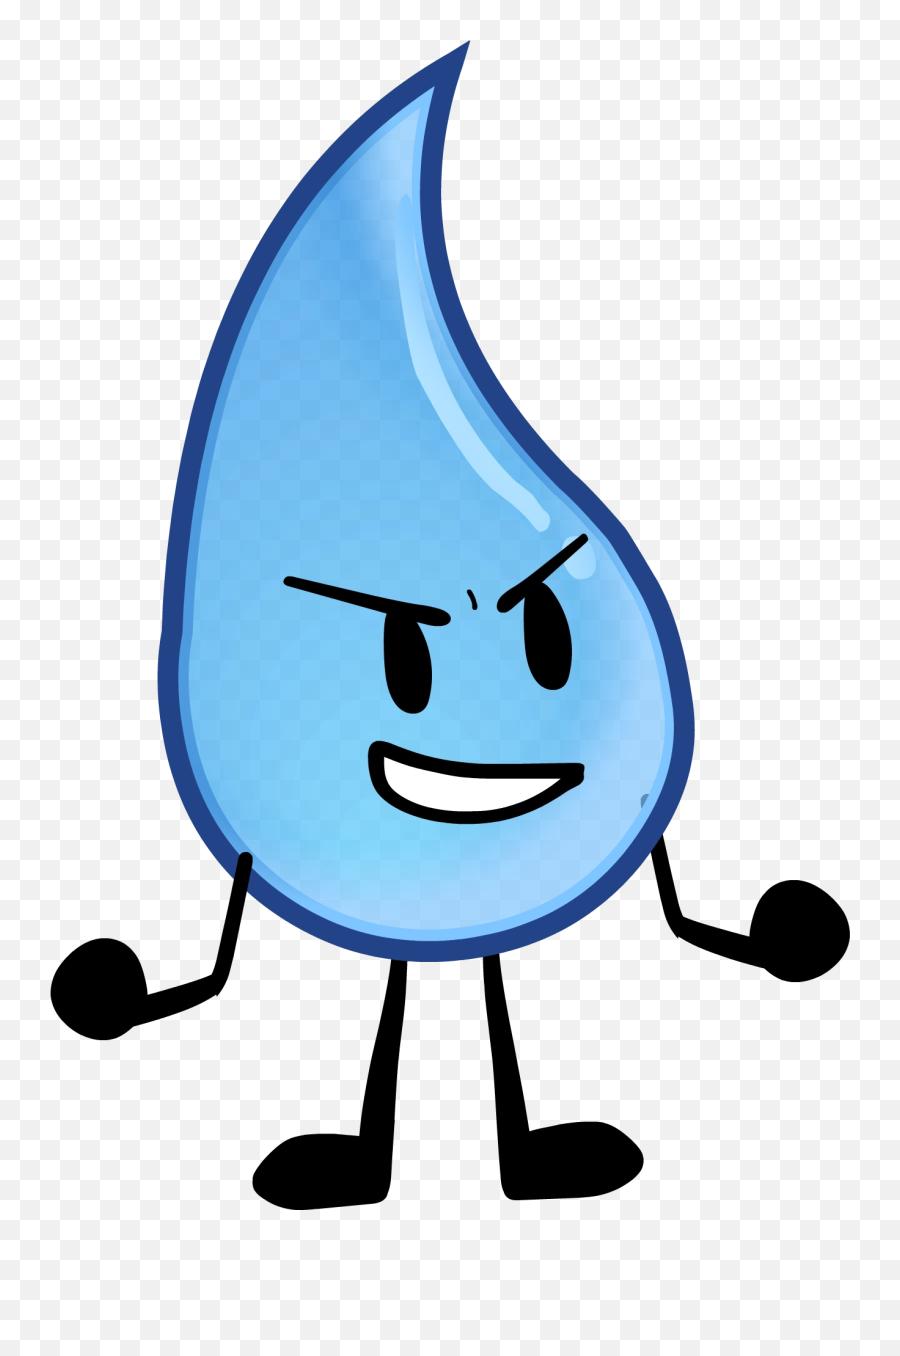 Silent - Bfb Tear Drop Emoji,Tear Drop Emoji